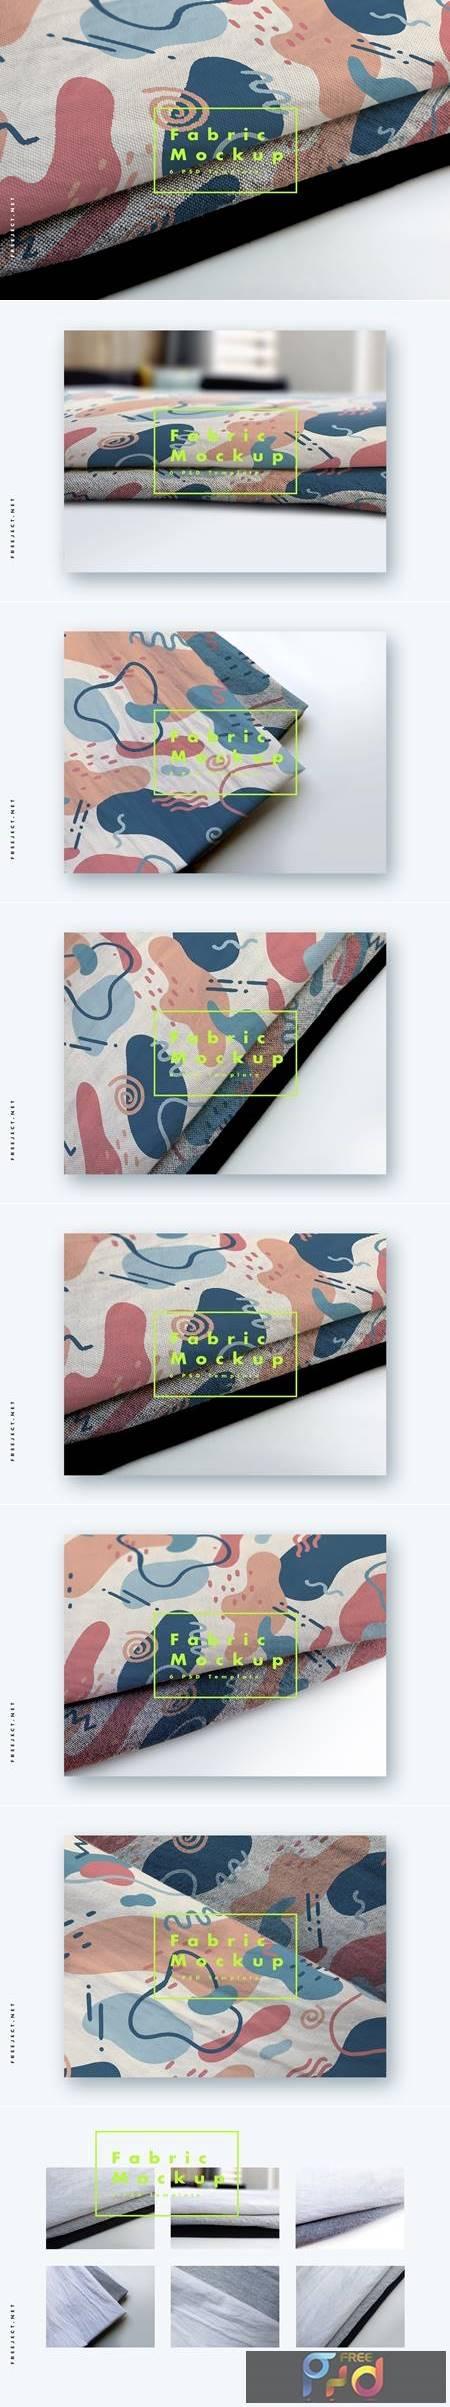 Fabric Mockups Bundle 4410765 1